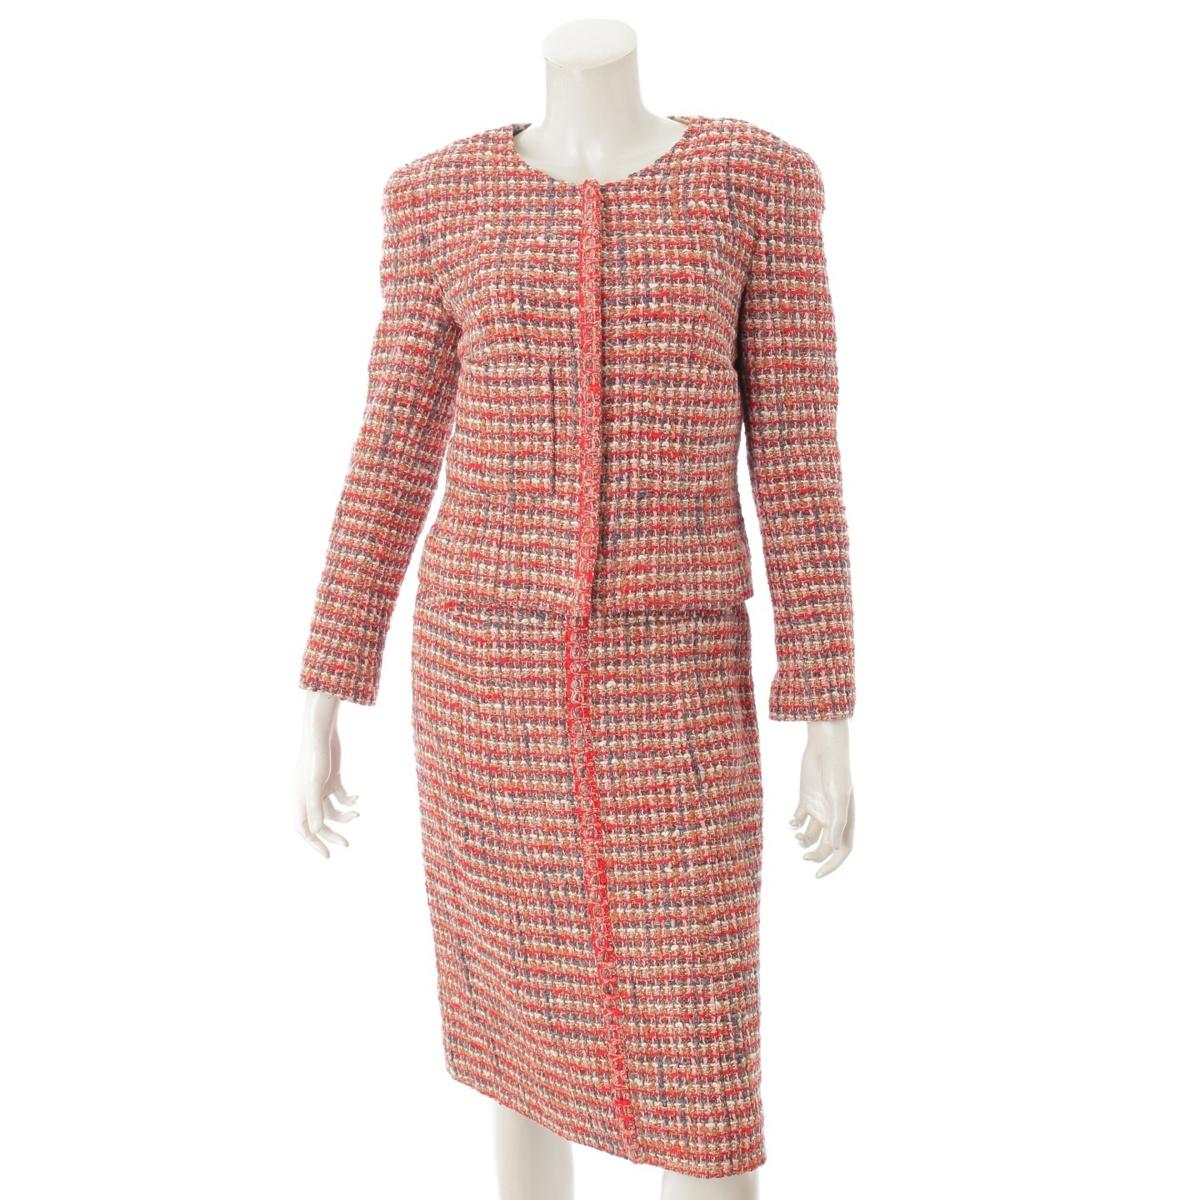 【シャネル】Chanel 03P ミックスツイード ノーカラージャケット スカート スーツ セットアップ レッド 40 【中古】【鑑定済・正規品保証】63555